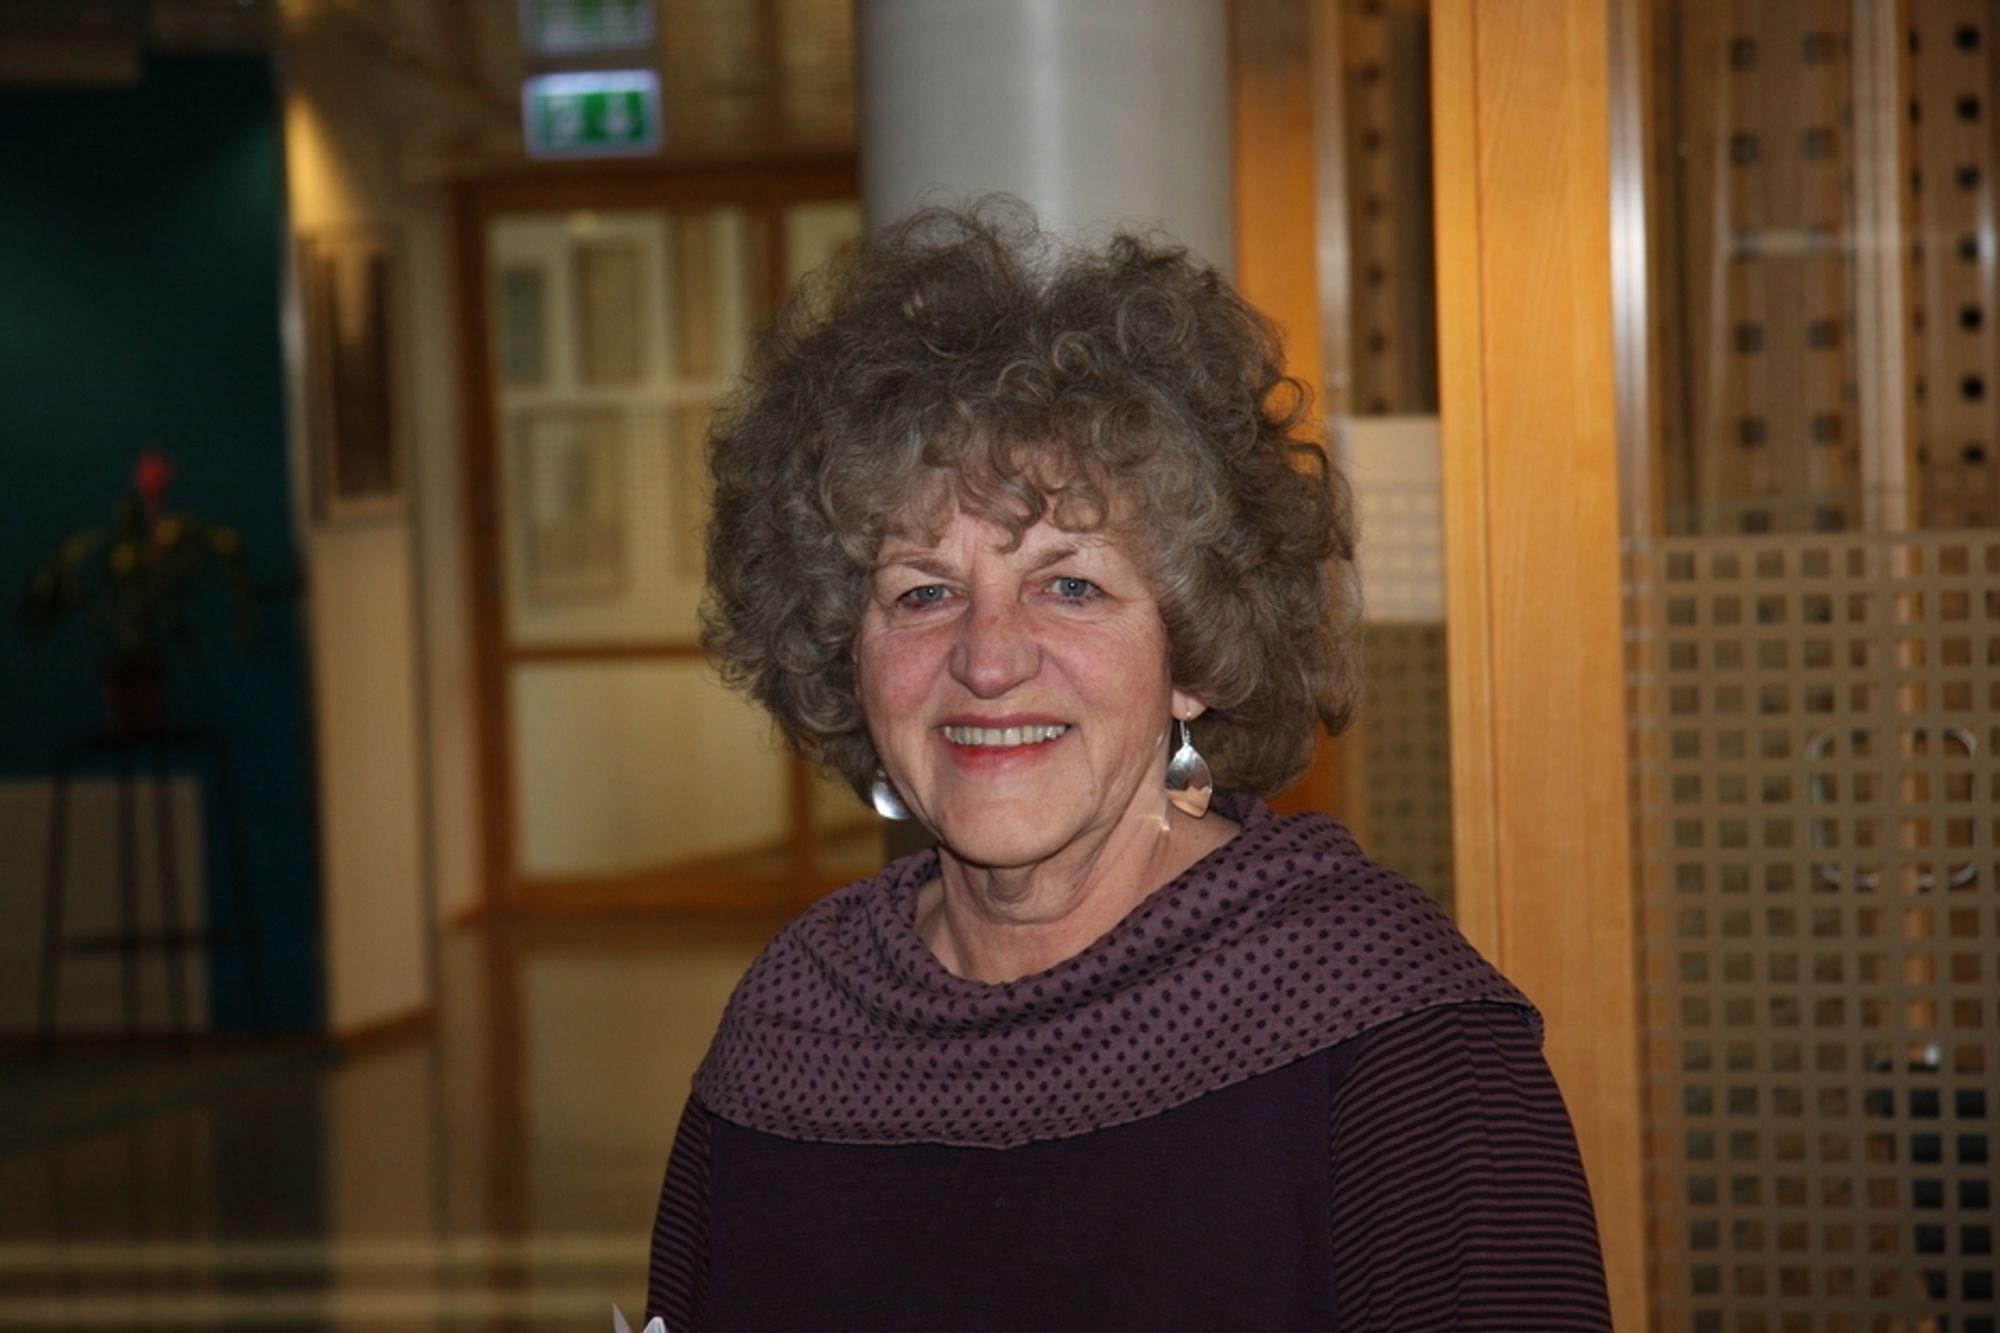 FREMTIDSRETTET: - Vi må tenke langsiktig i vår miljøstrategi, sier May Balkøy, direktør for Strategi og utvikling i Statsbygg.